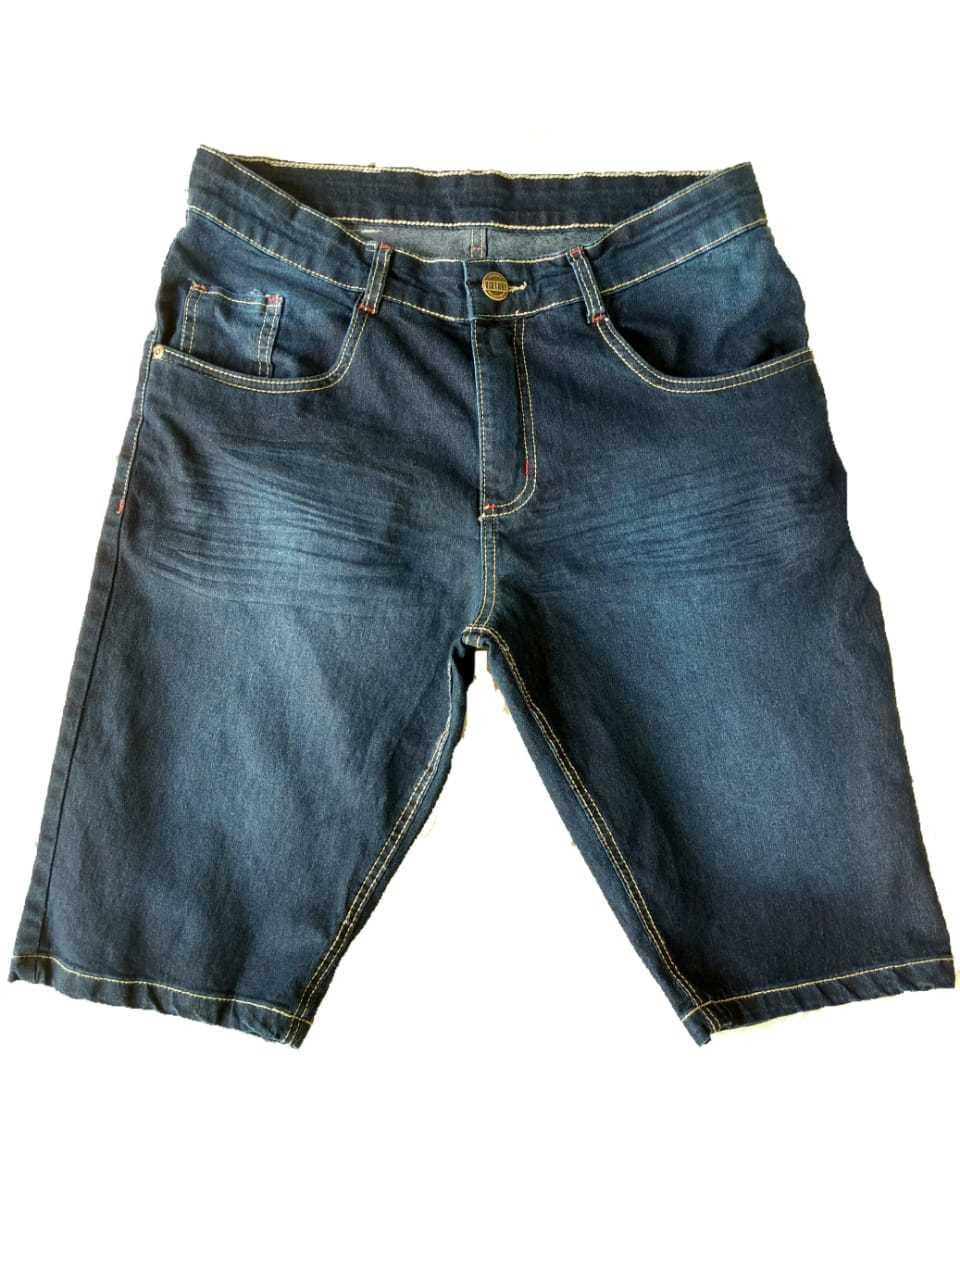 Bermuda Jeans Masculina [123]